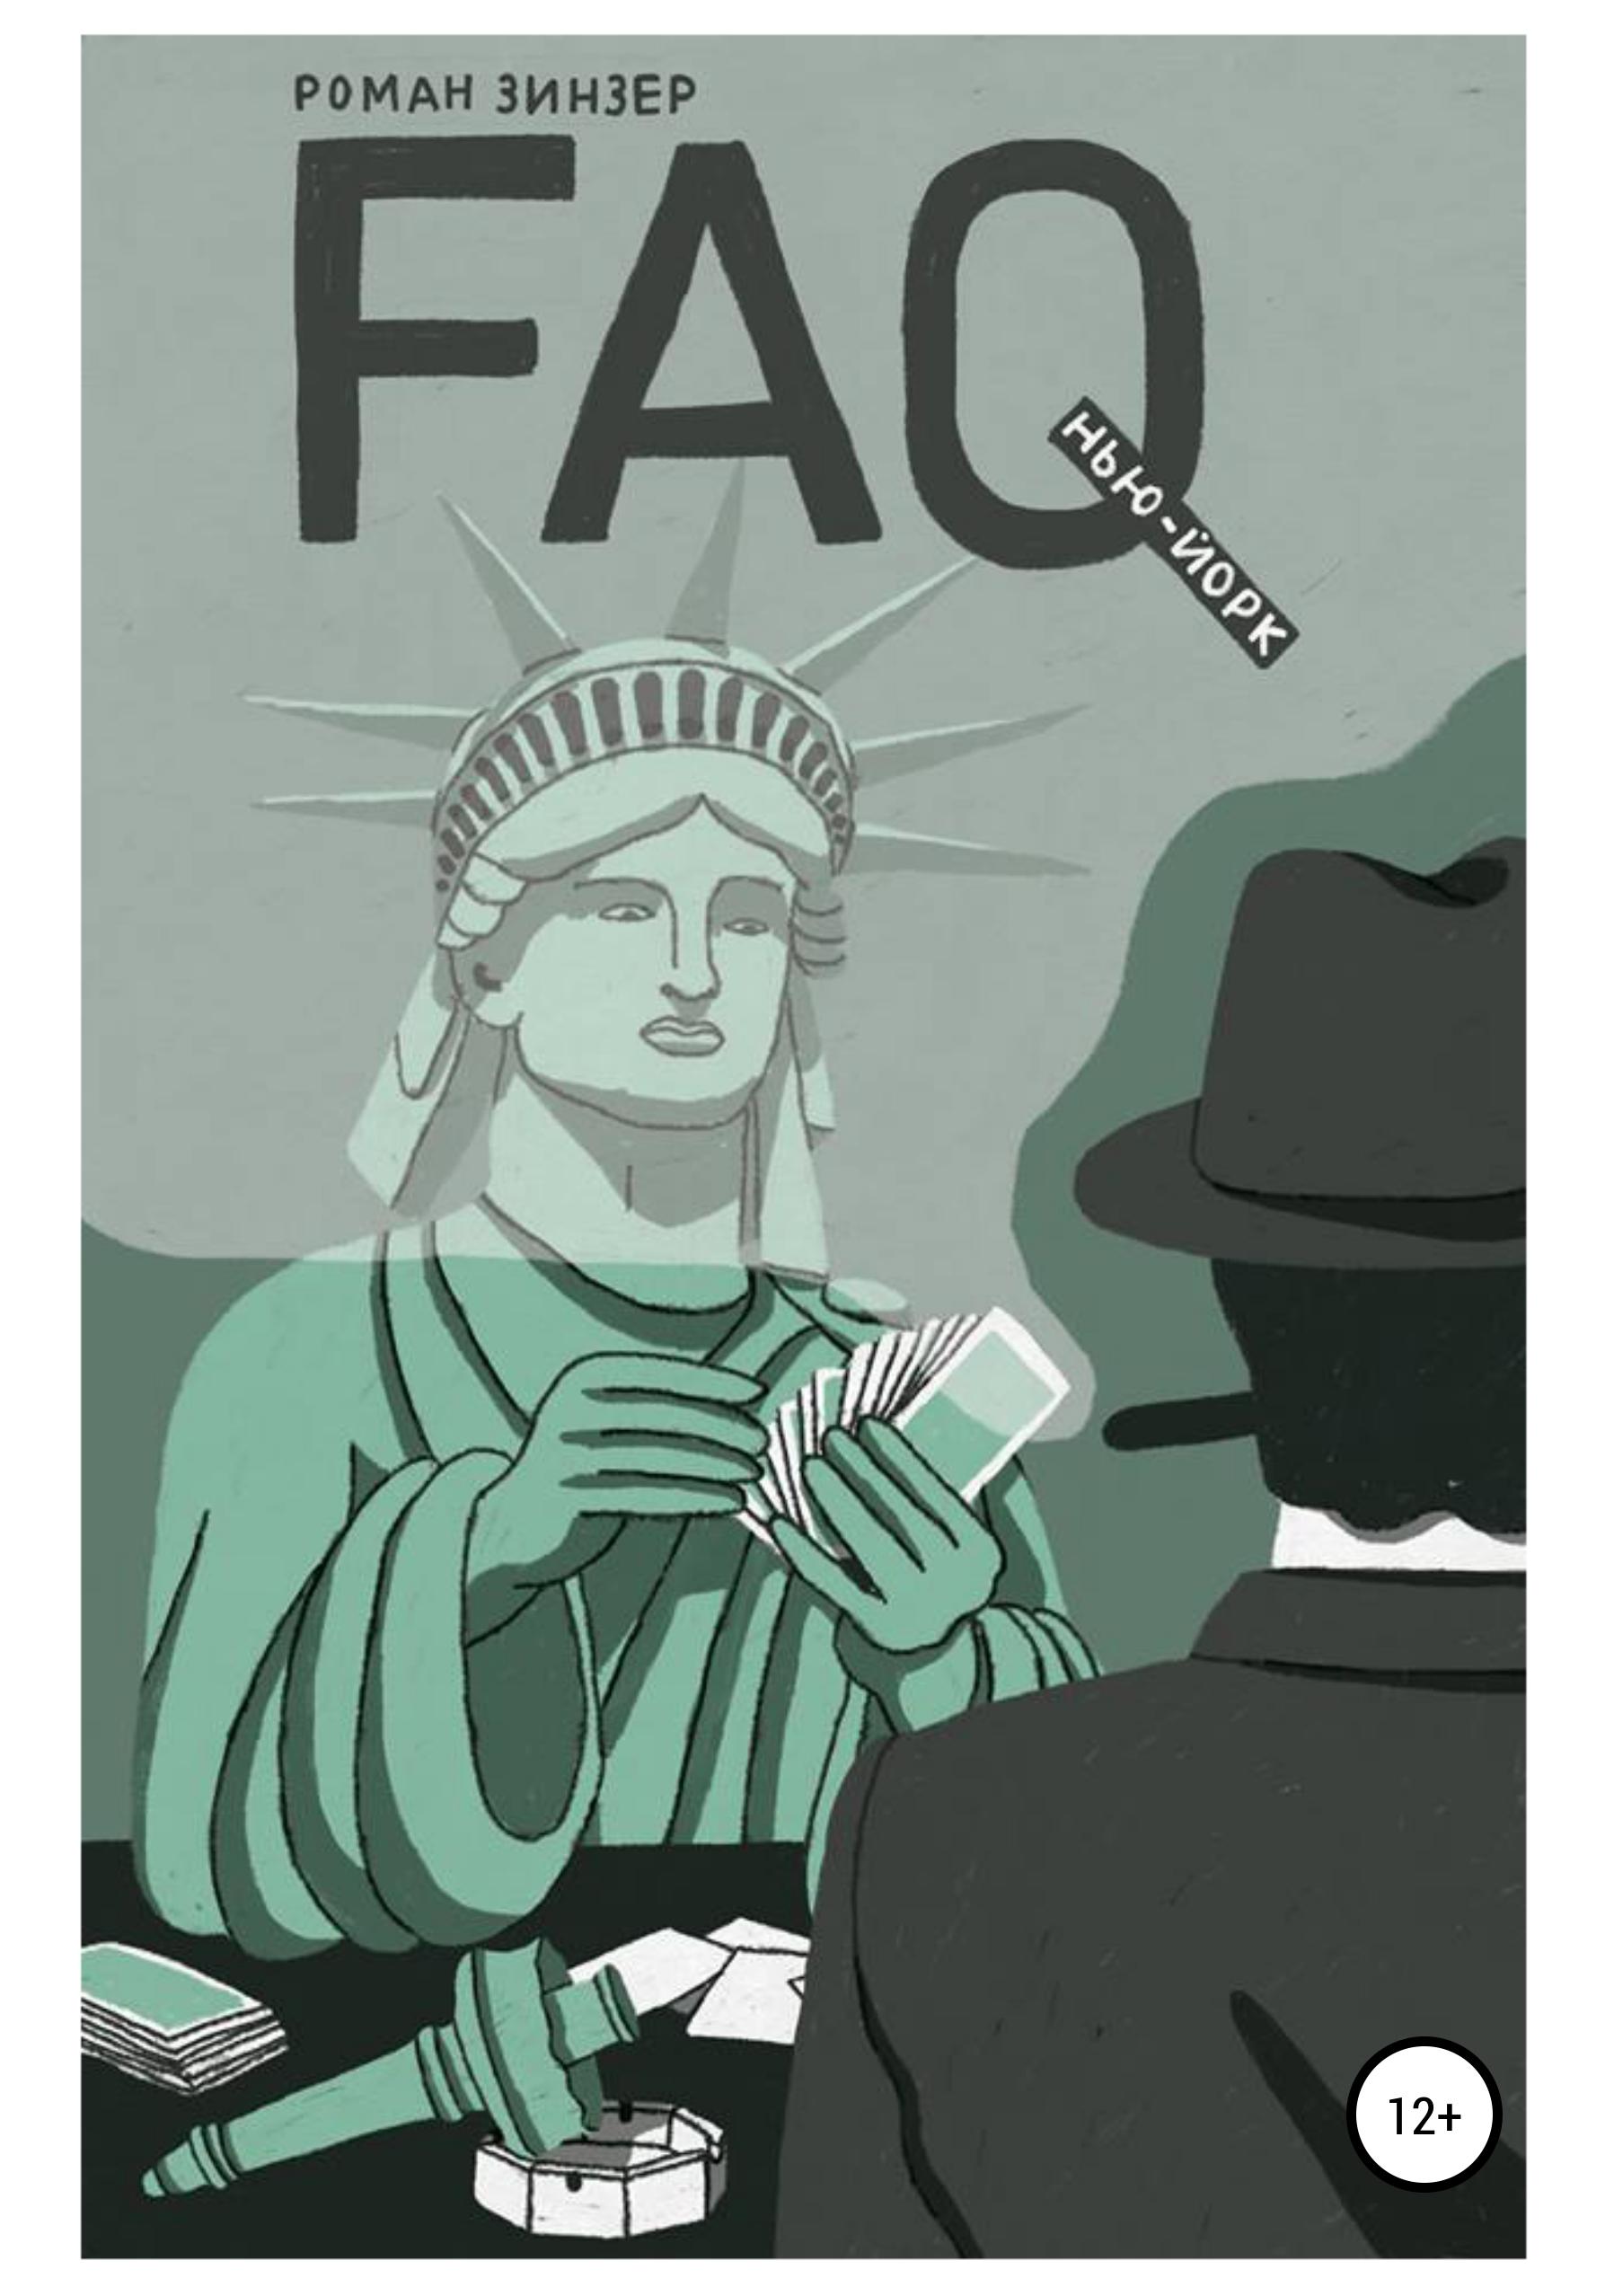 Роман Зинзер FAQ Нью-Йорк недорого